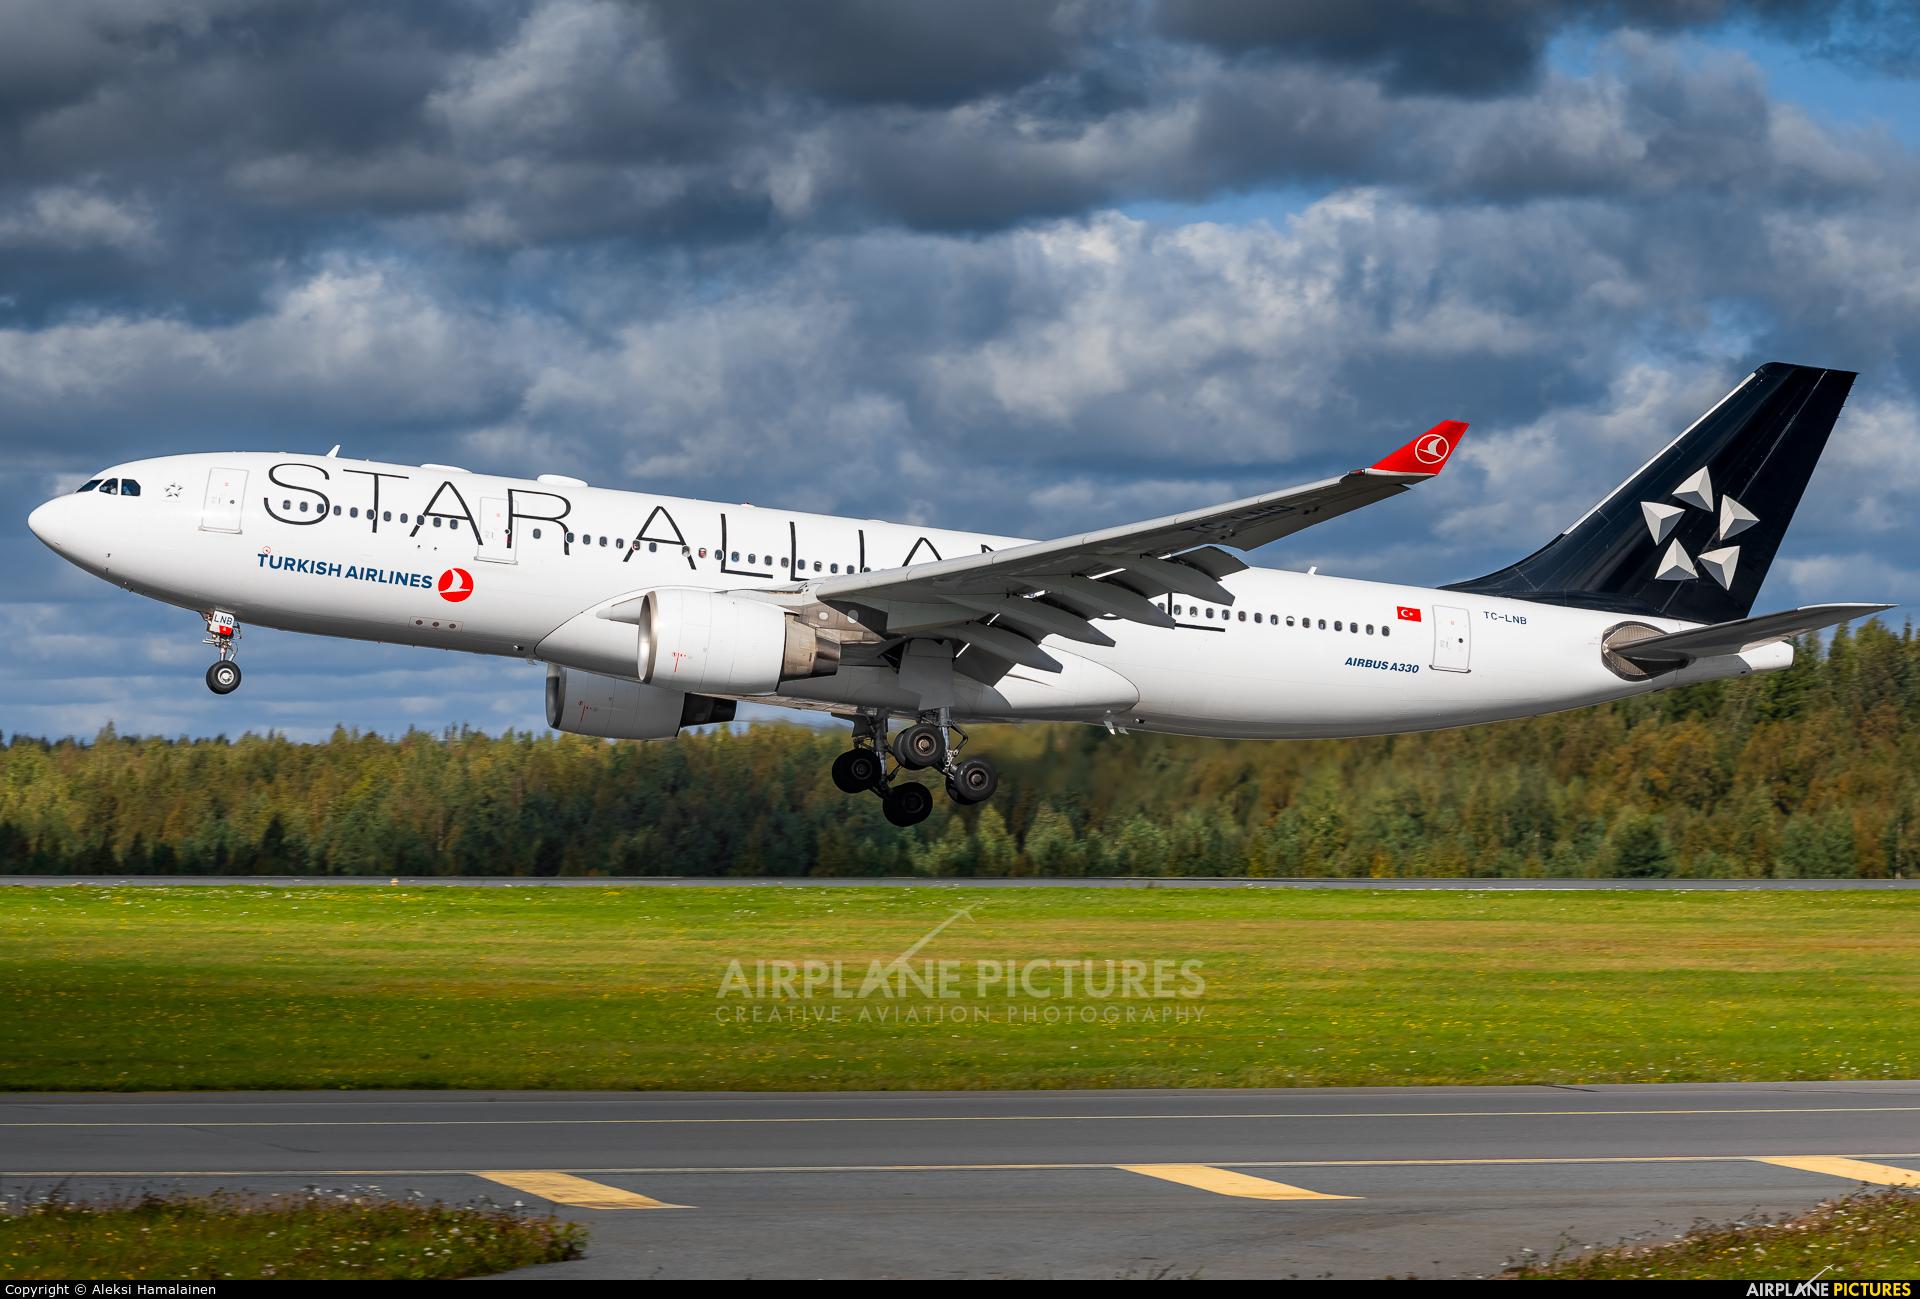 Turkish Airlines TC-LNB aircraft at Helsinki - Vantaa